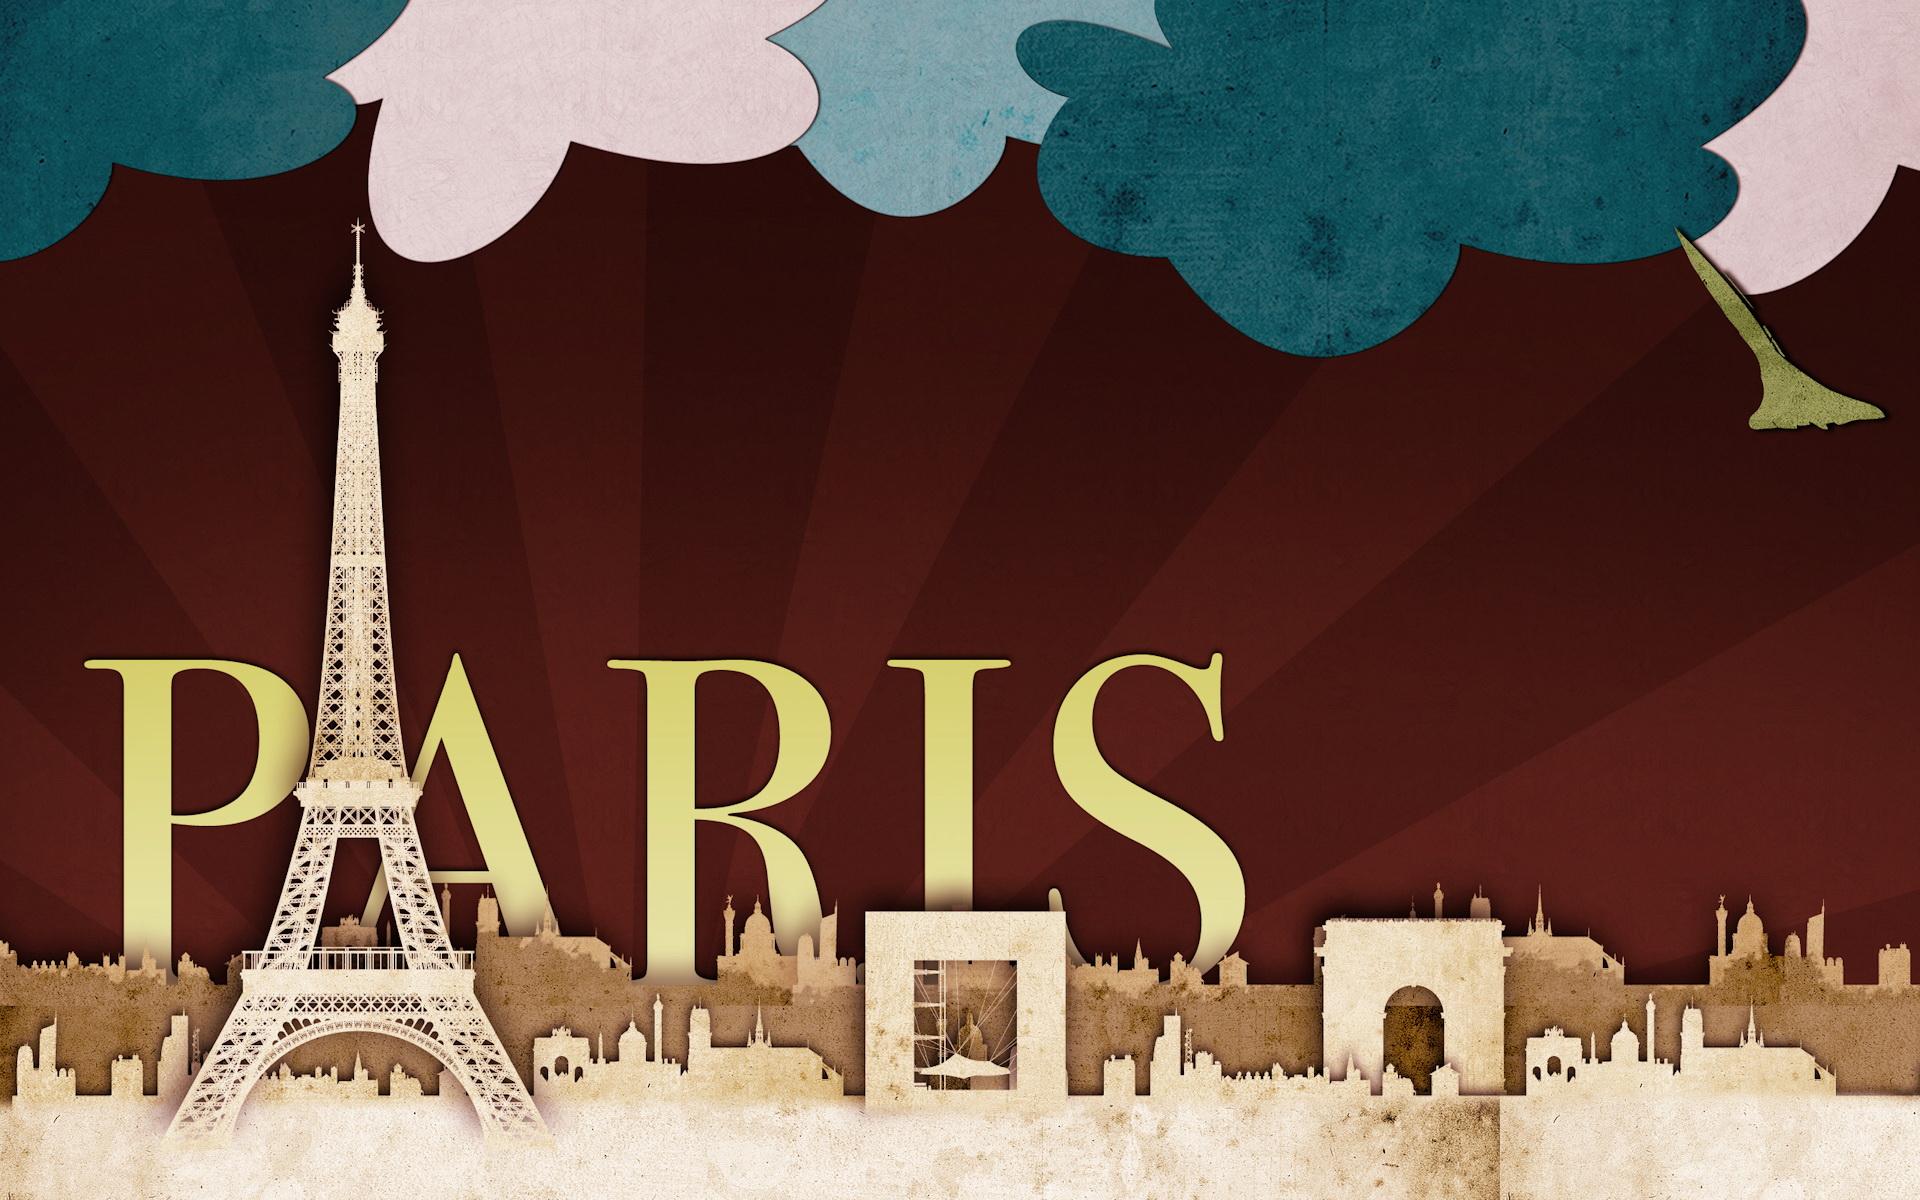 Открытки, картинки с надписью париж